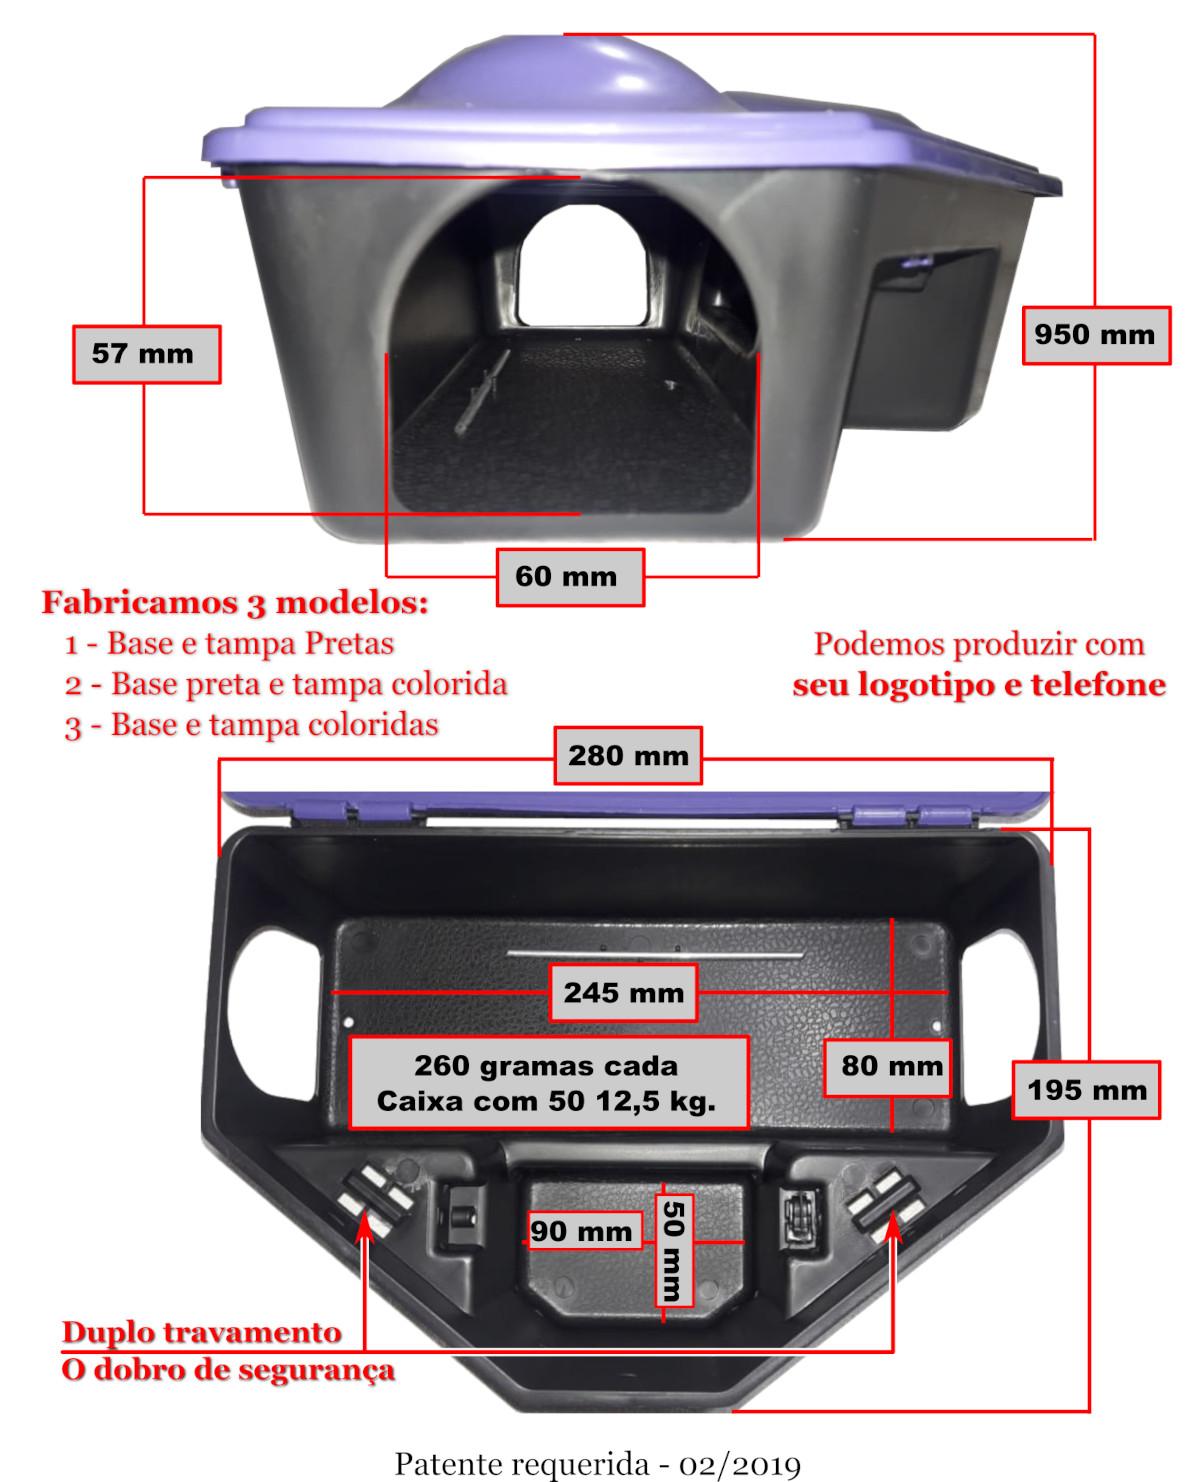 KIT 1200 Mata Rato Porta Iscas Resistente 2 TRAVA c/ Chave